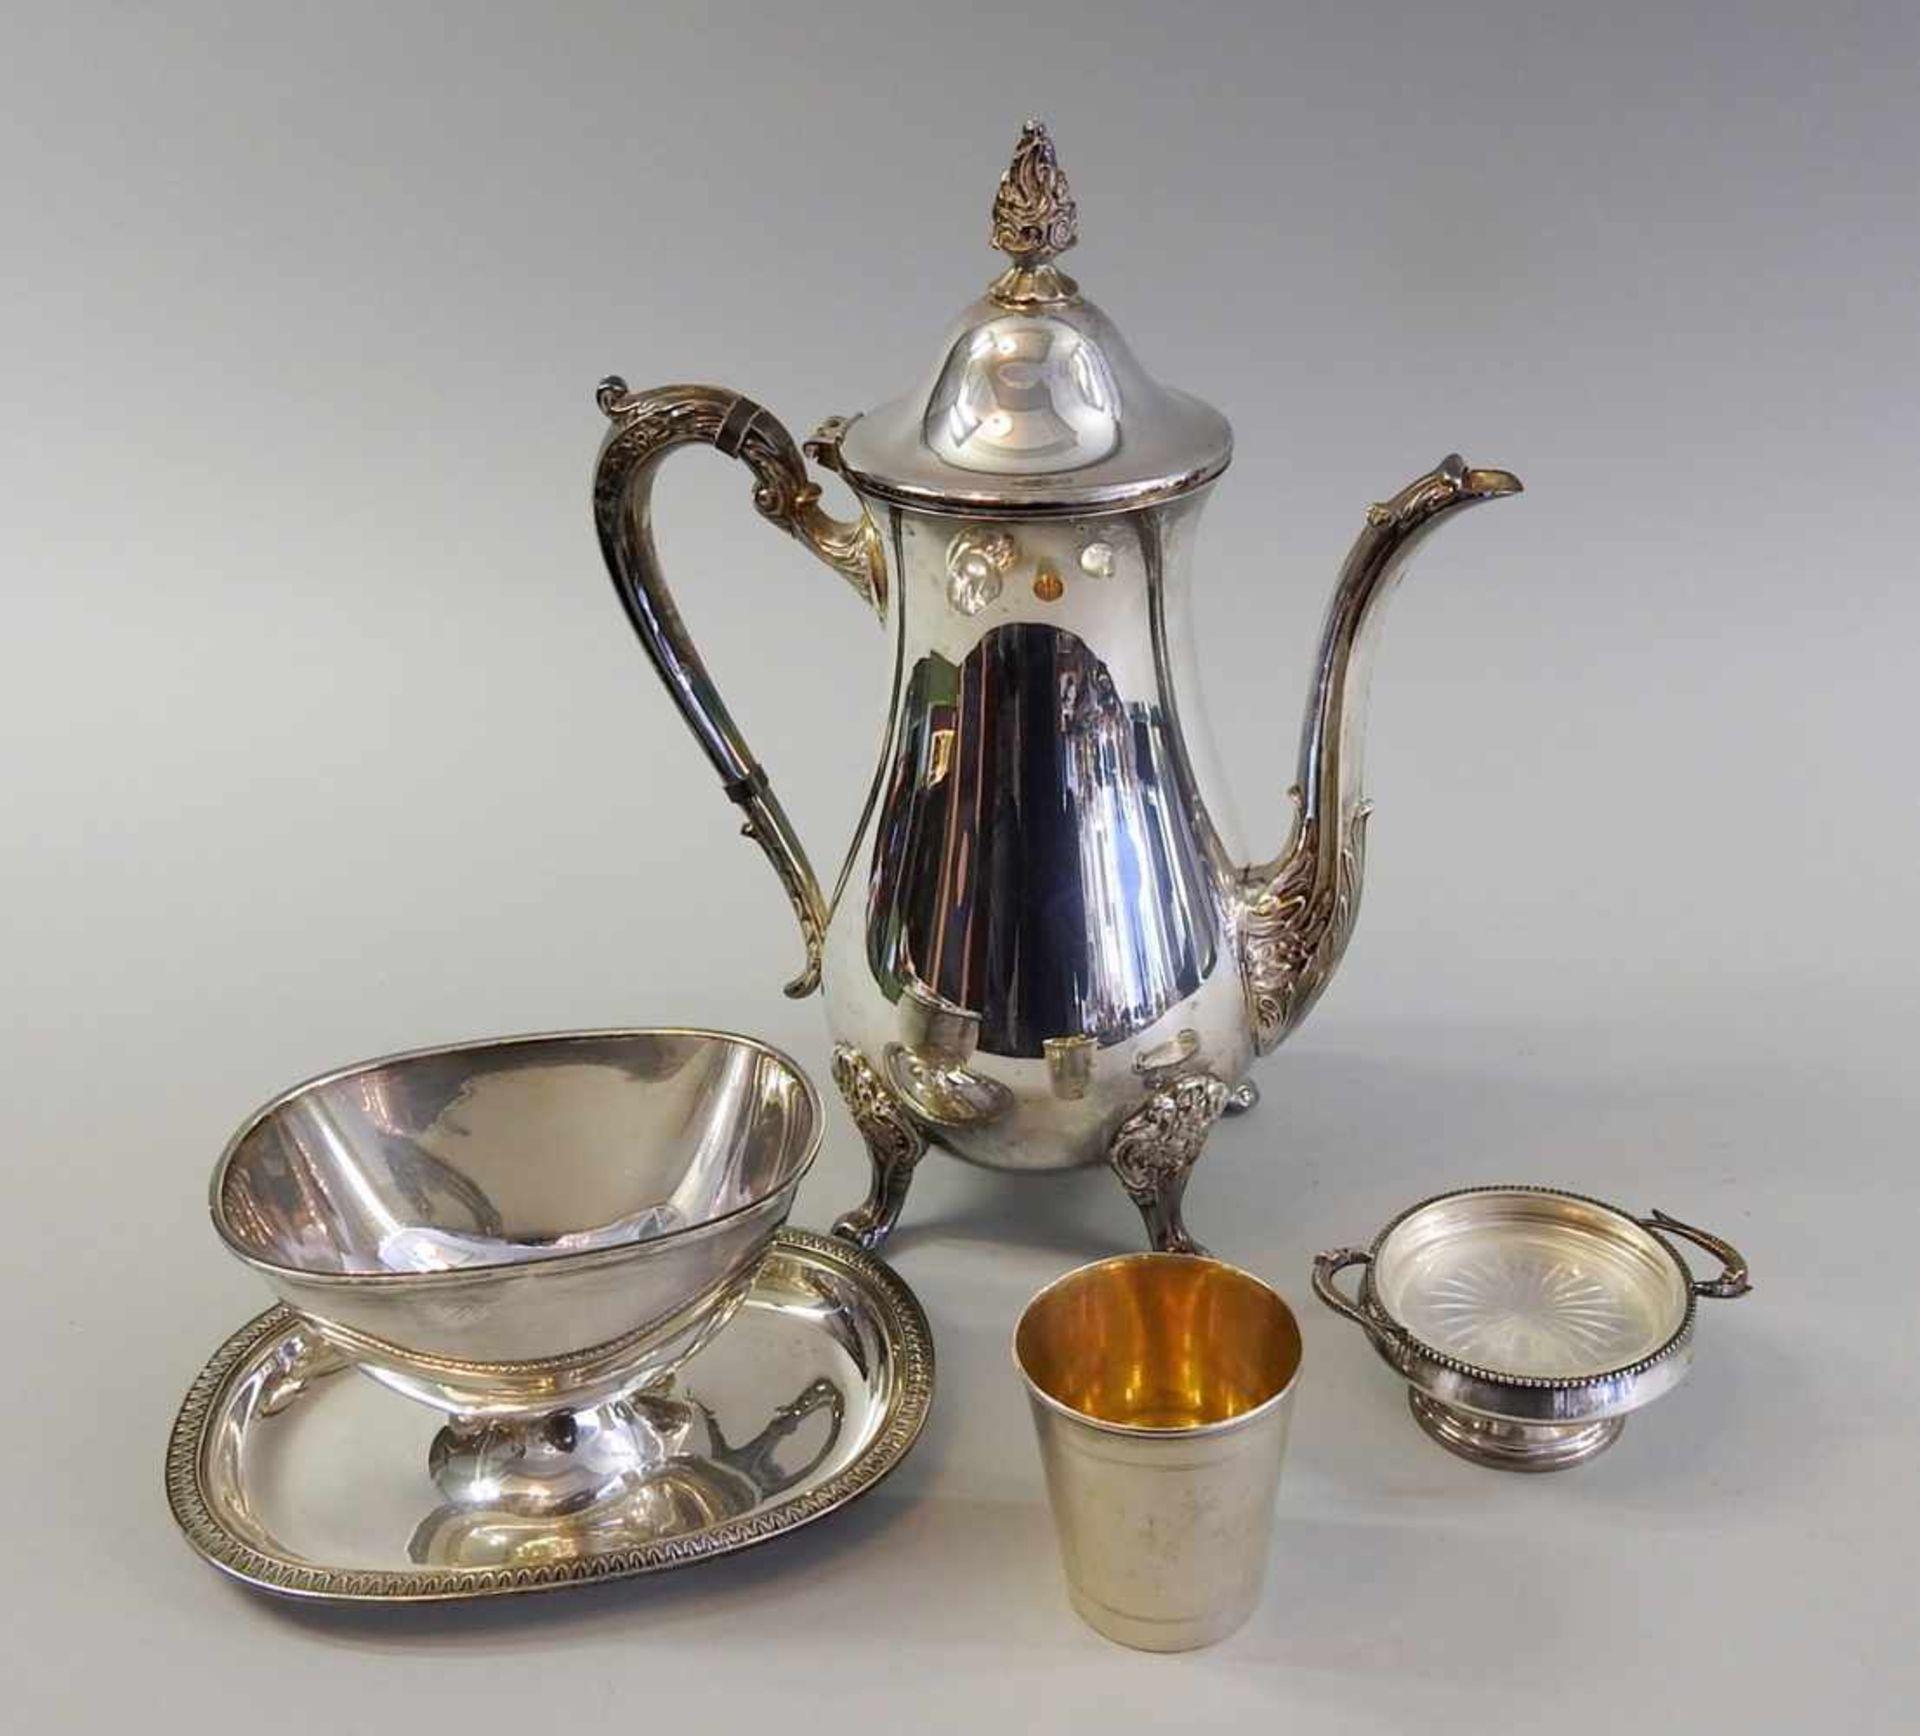 Los 2 - Sammlung kleiner Silberteile Bestehend aus einer Silber plated Kanne, einer Sterling Silber 925